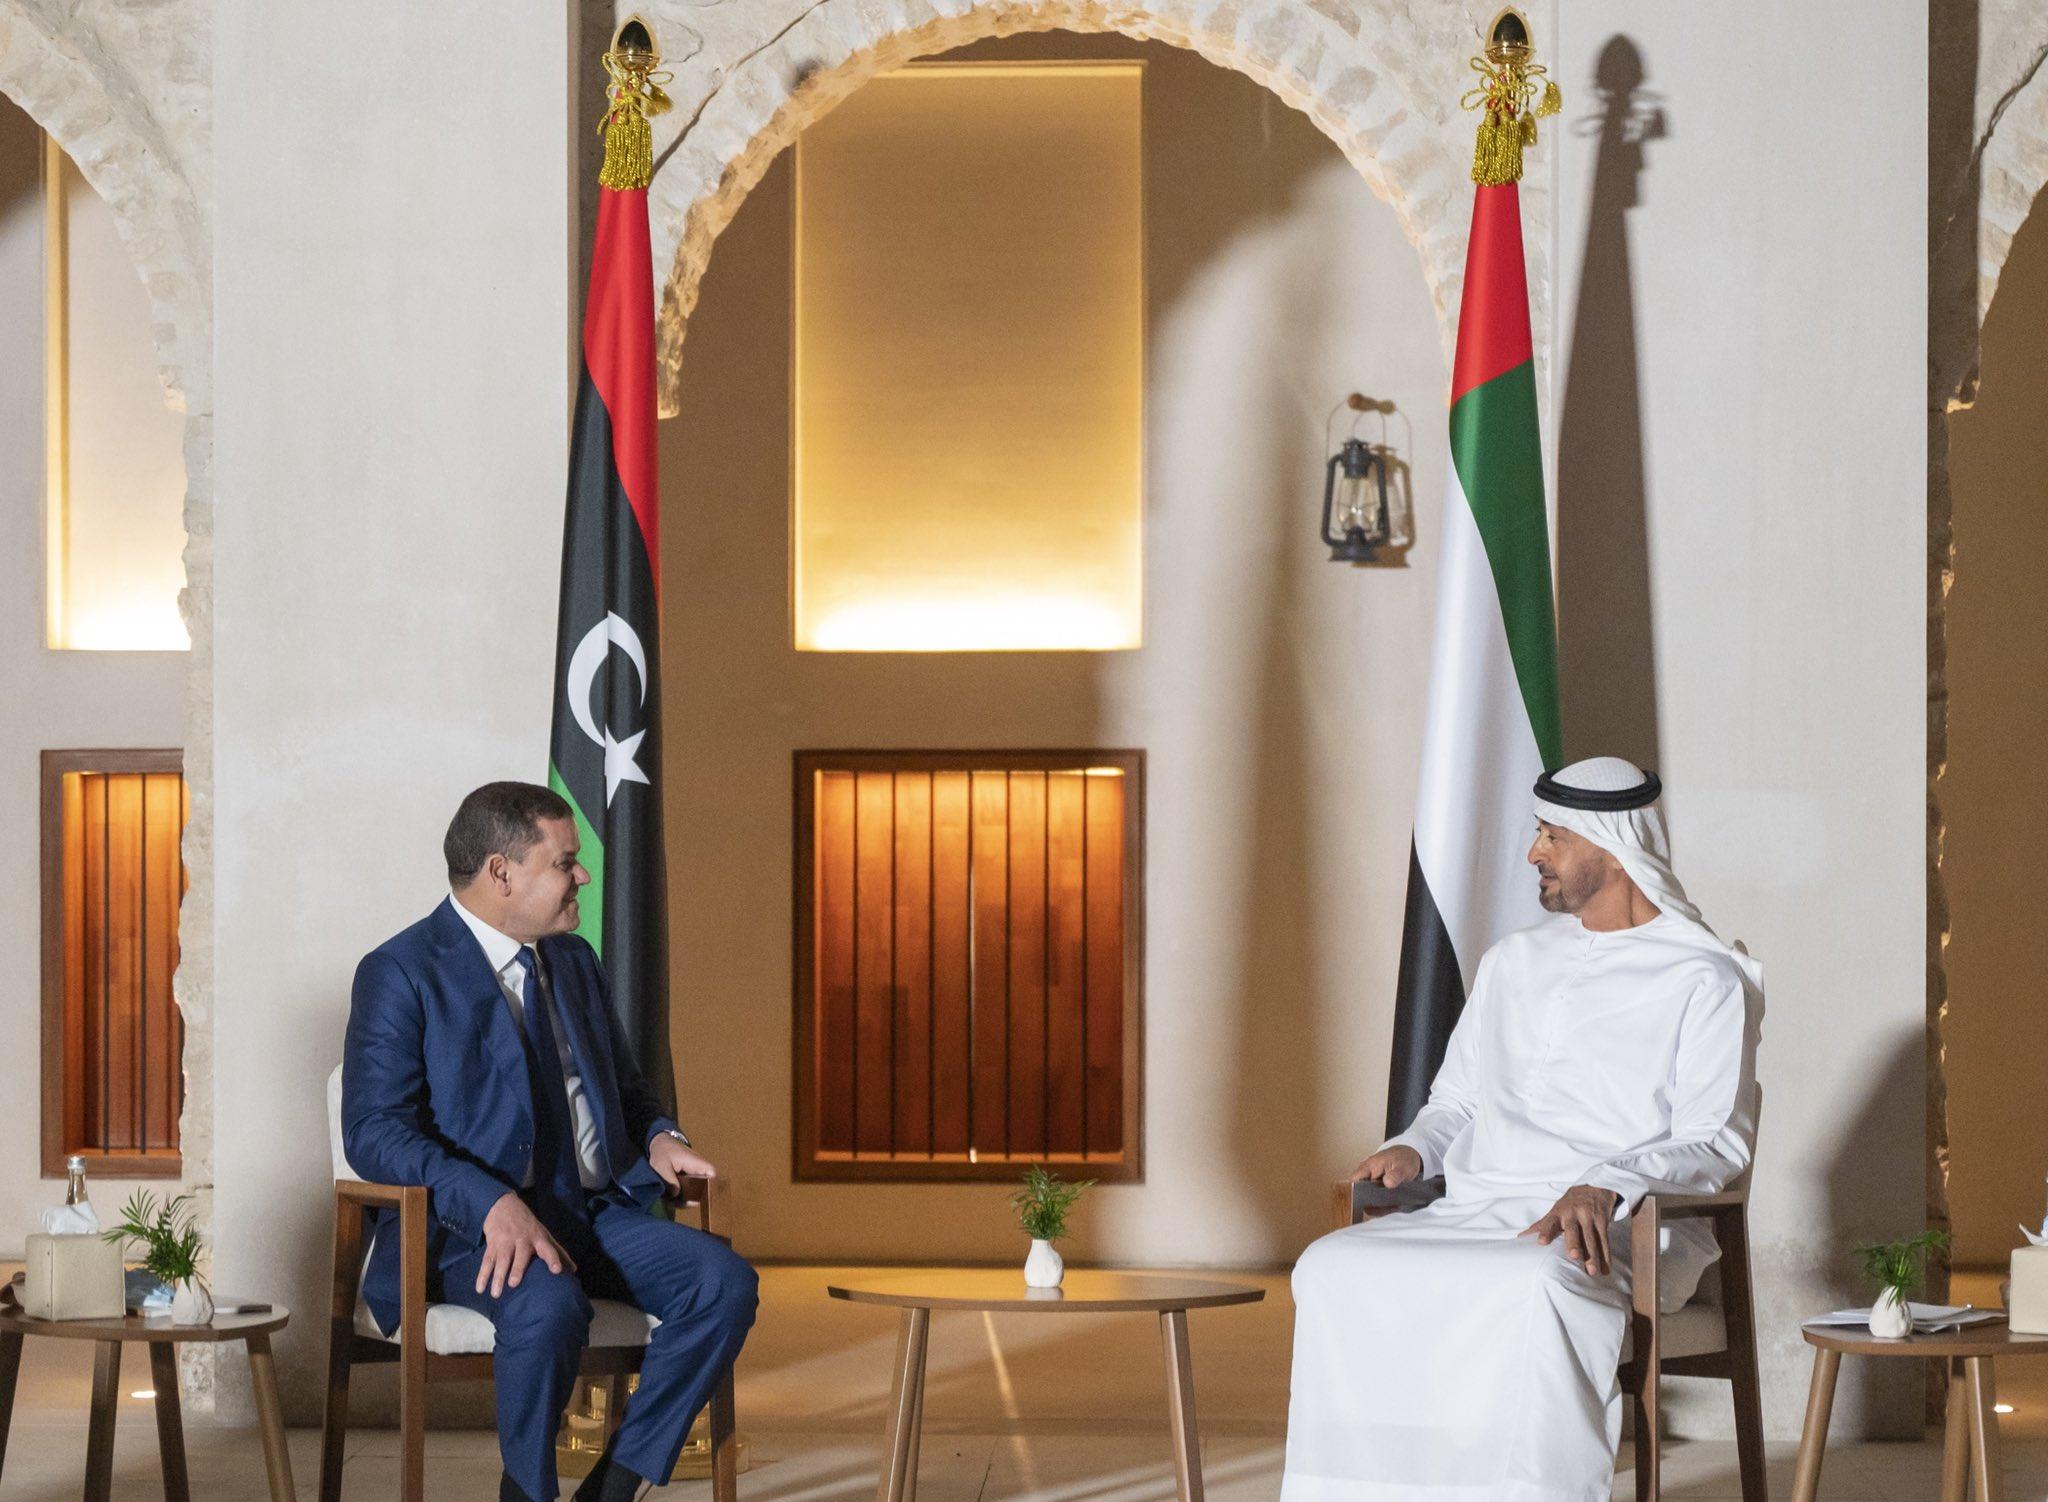 Prime Minister of Libya visits Mohamed bin Zayed